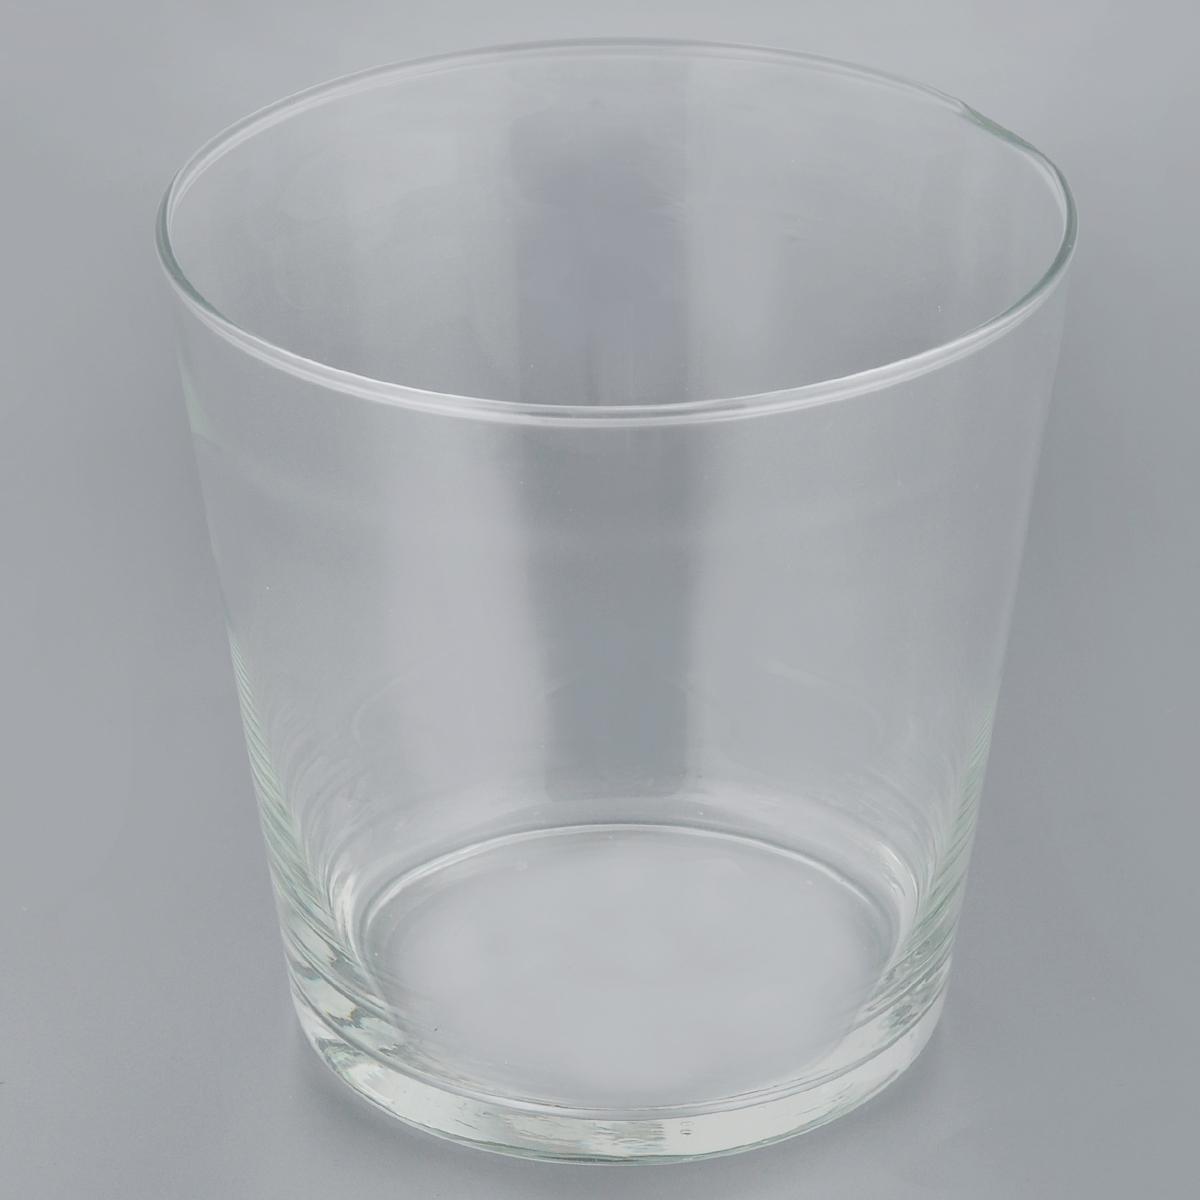 Ваза декоративная Феникс-Презент Конус-рома 1, высота 16 см40835Элегантная ваза Феникс-Презент Конус-рома 1 выполнена из высококачественного прозрачного стекла. Изделие придется по вкусу и ценителям классики, и тем, кто предпочитает утонченность и изящность. Вы можете поставить вазу в любом месте, где она будет удачно смотреться и радовать глаз. Такая ваза подойдет для декора интерьера. Кроме того - это отличный вариант подарка для ваших близких и друзей. Высота вазы: 16 см. Диаметр (по верхнему краю): 15,5 см. Диаметр дна: 11,5 см. Объем вазы: 2,3 л.